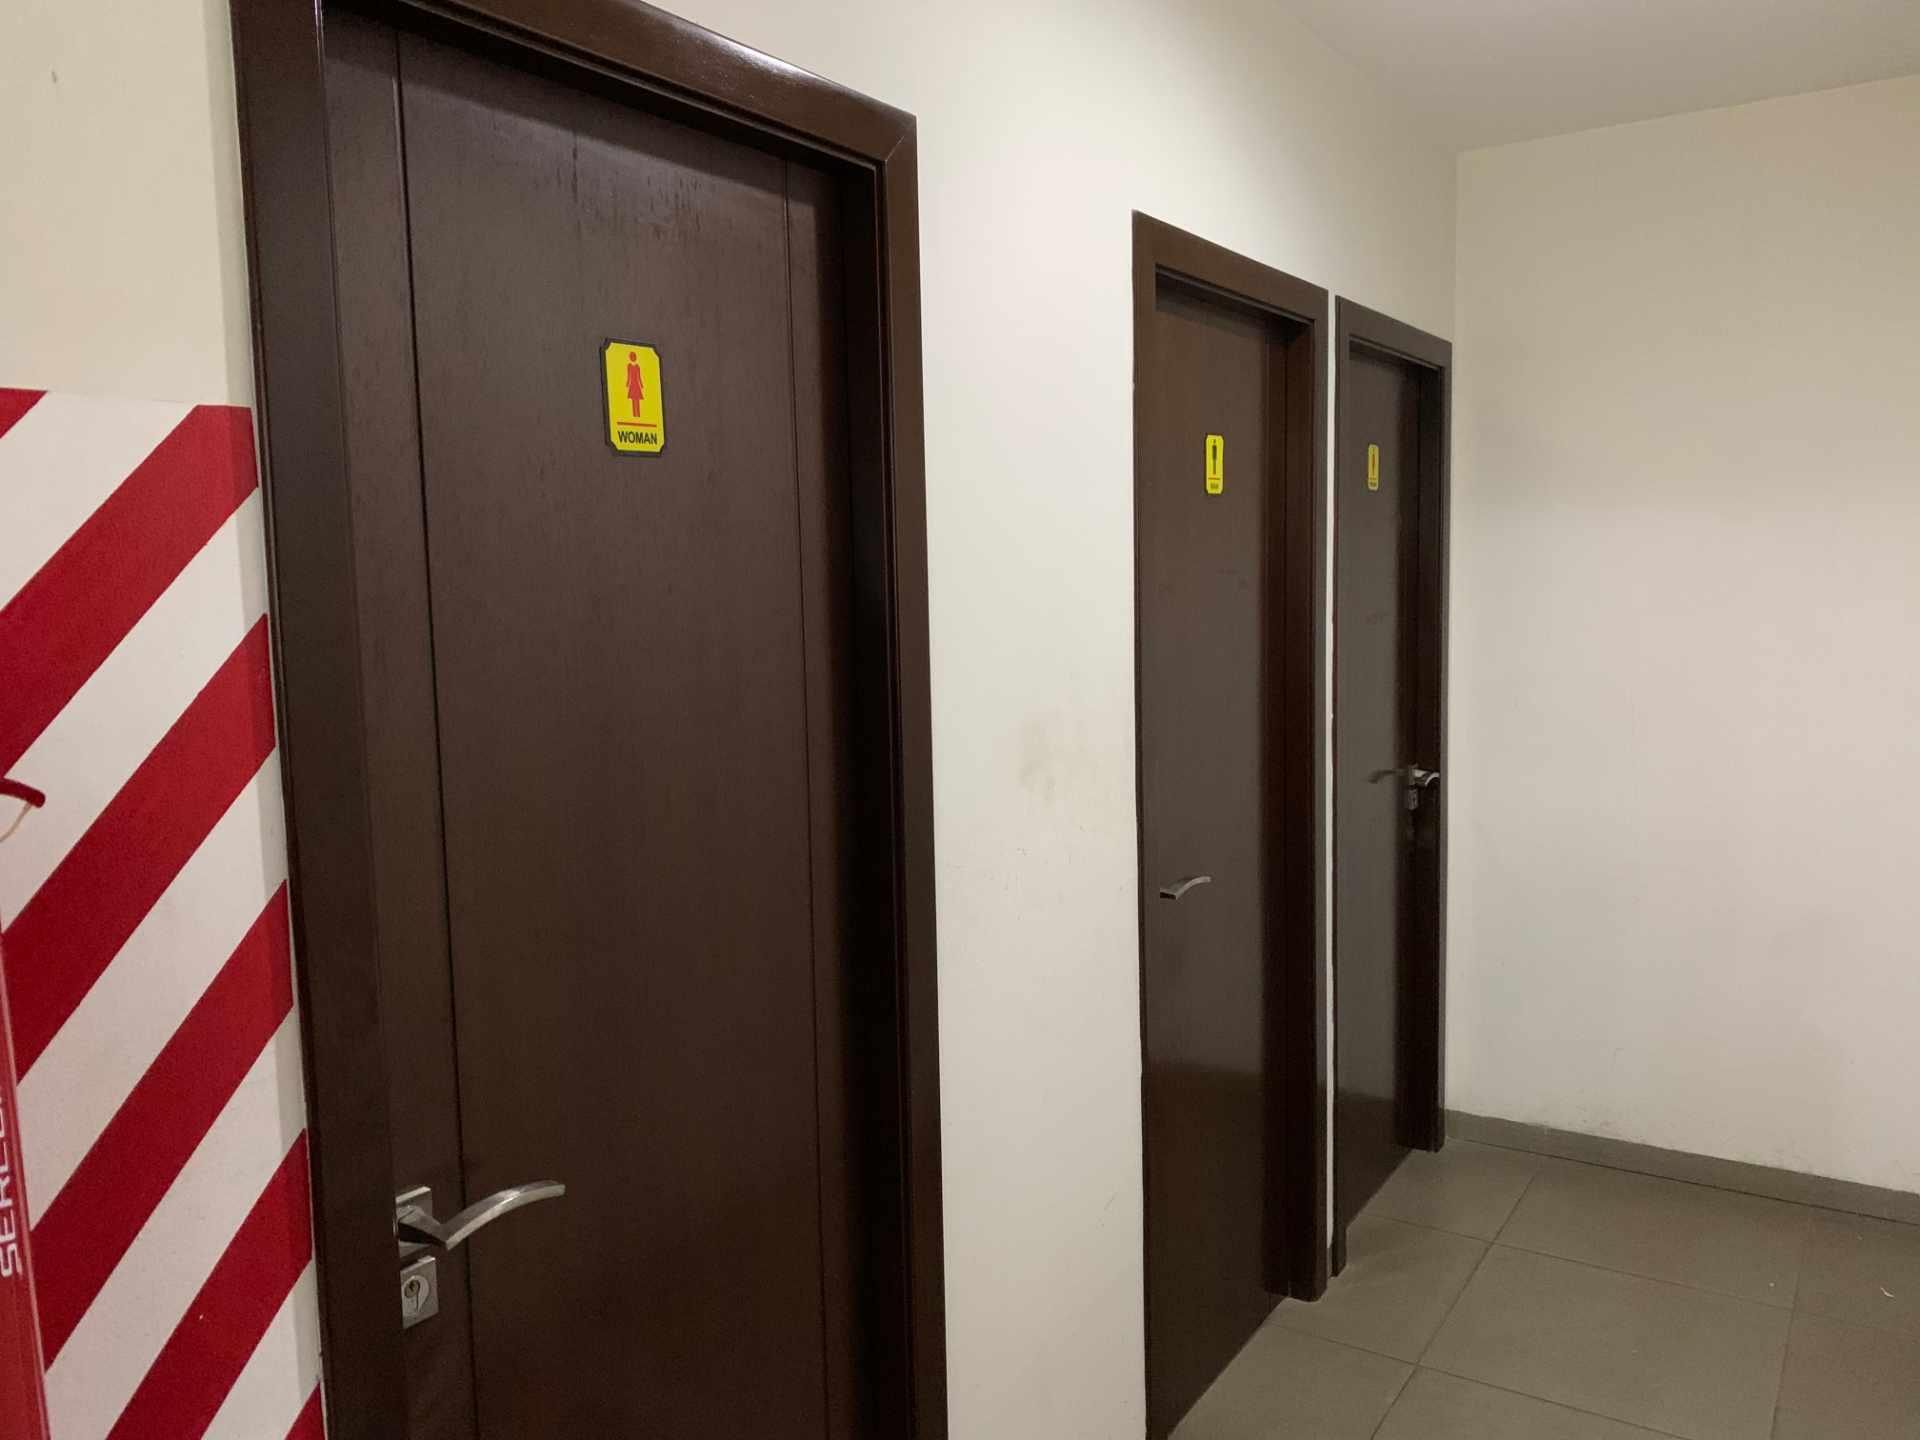 Oficina en Venta Calle Beni entre 1er y 2do Anillo Foto 5